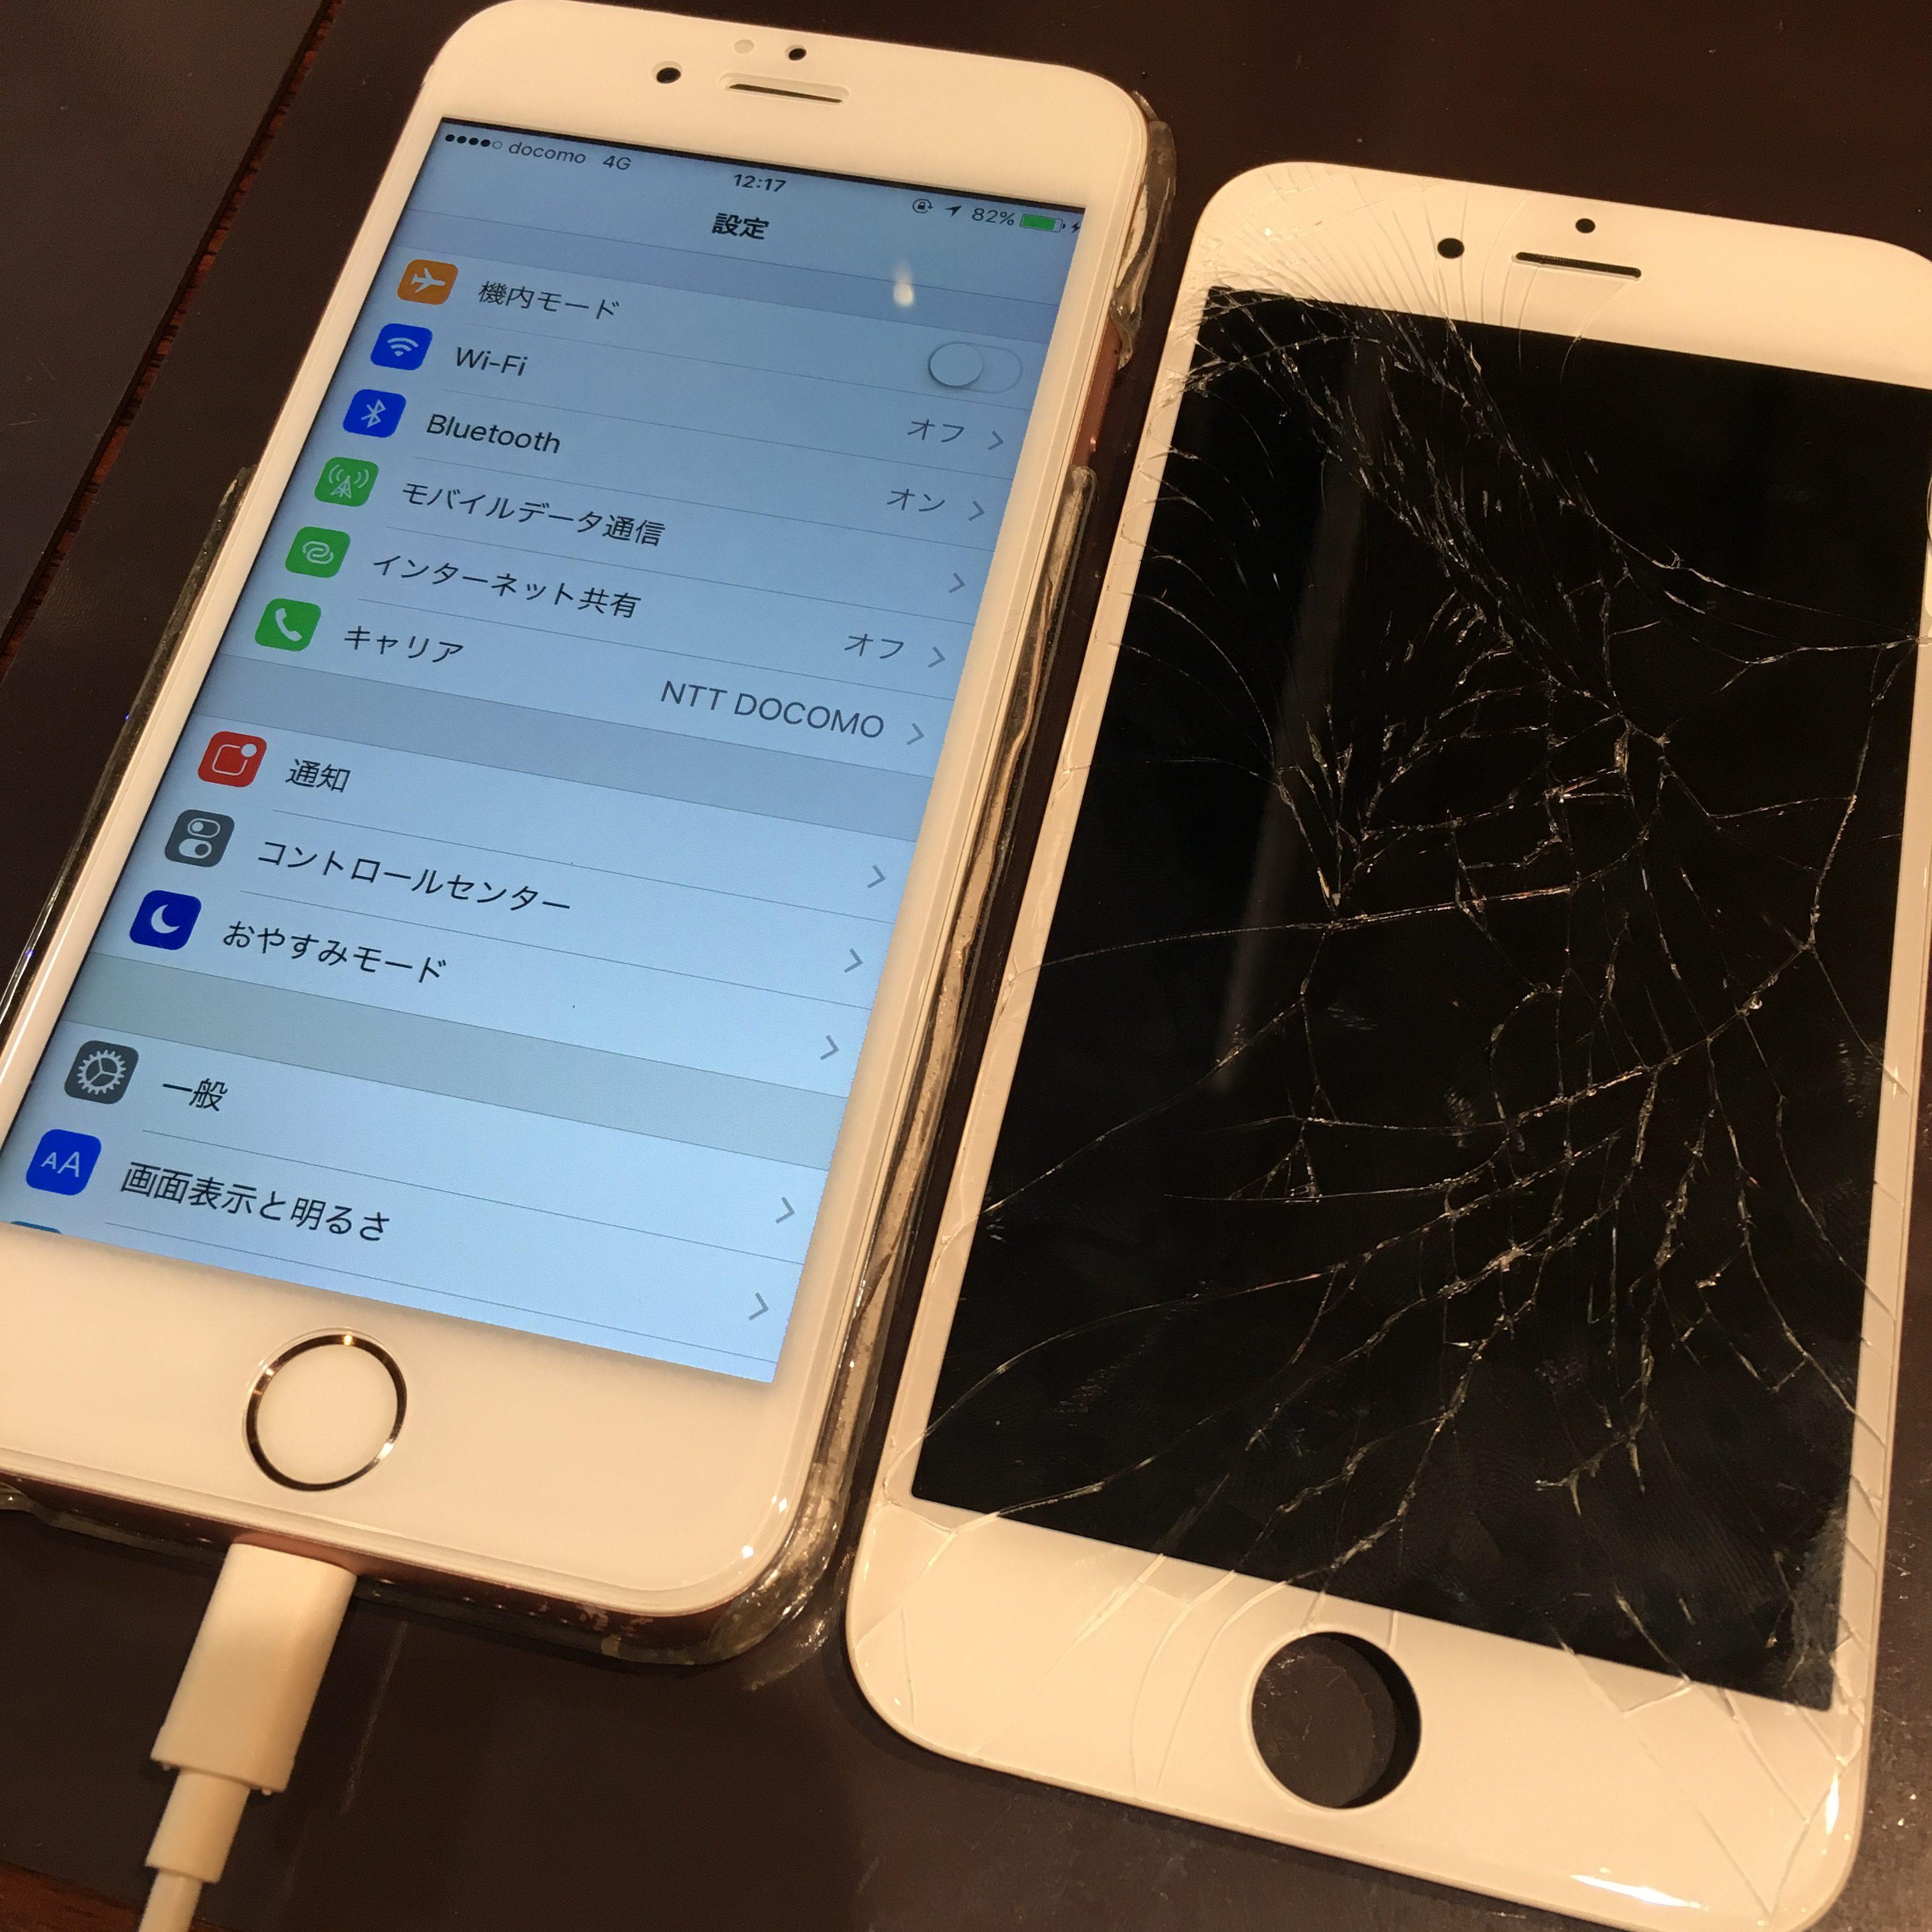 iphone即日修理最短30分~その場で修理!データそのまま《伊丹市からお越しのお客様》